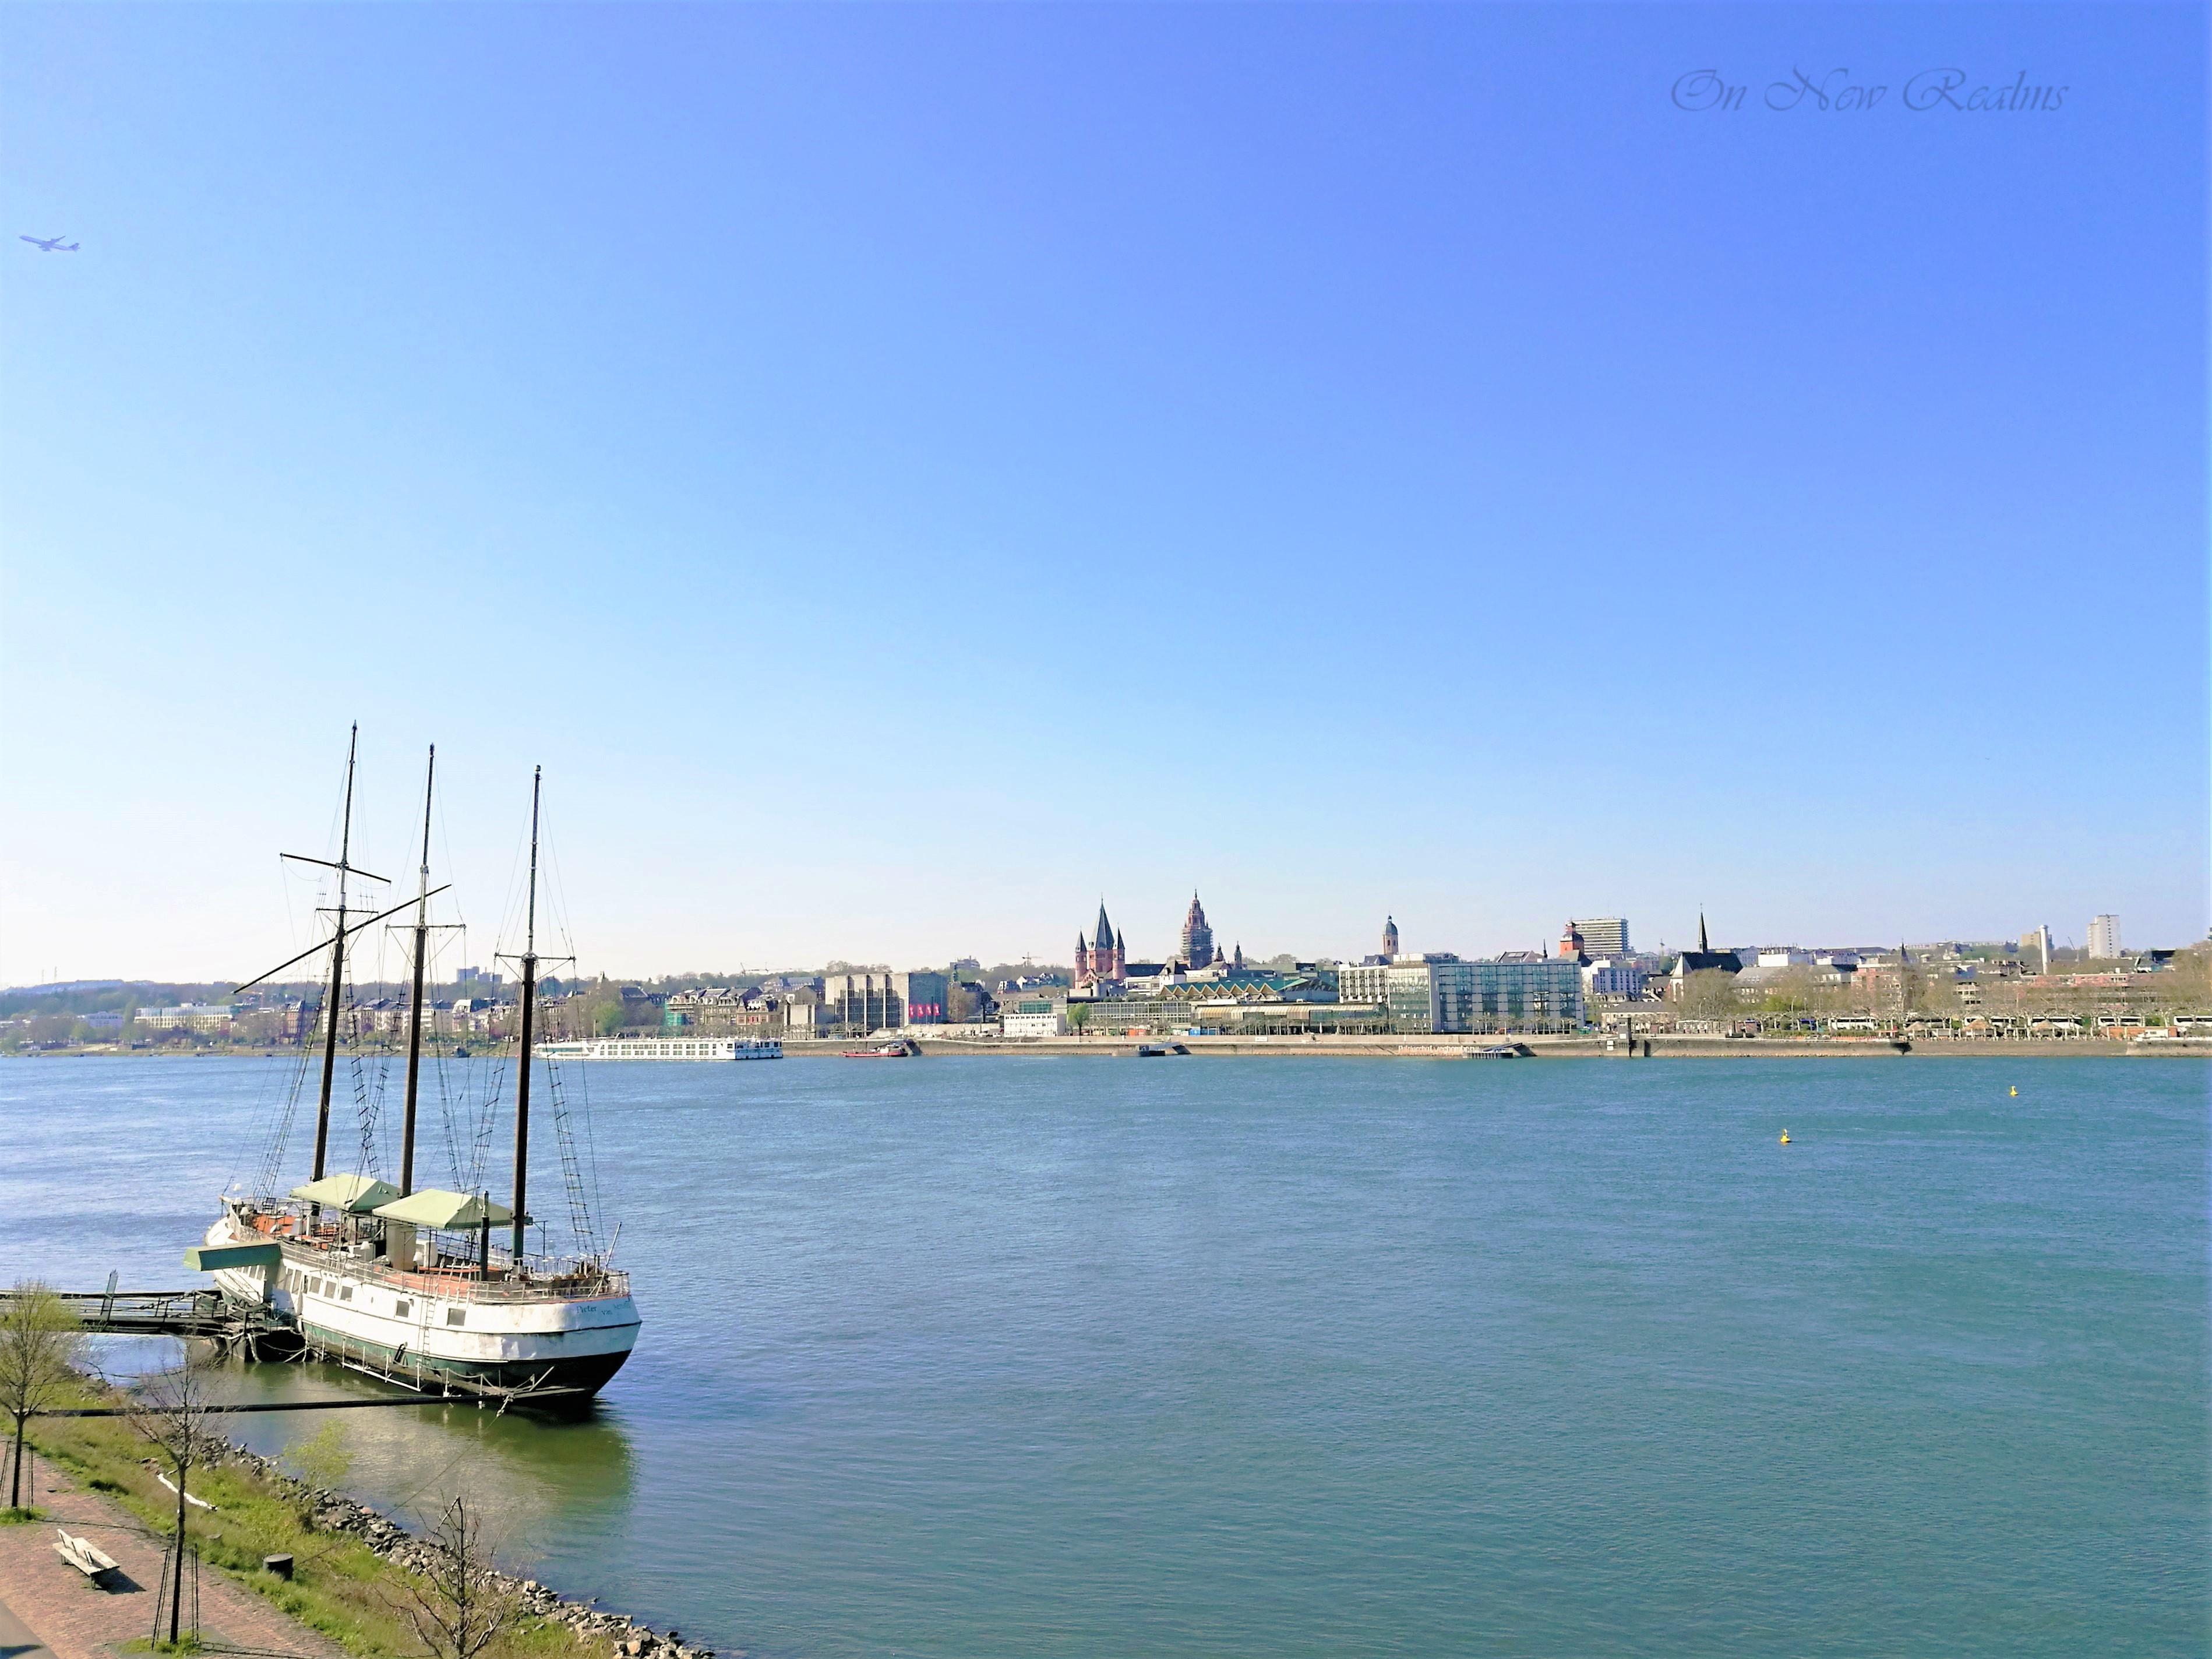 Rheinufer-Mainz-Germany-3